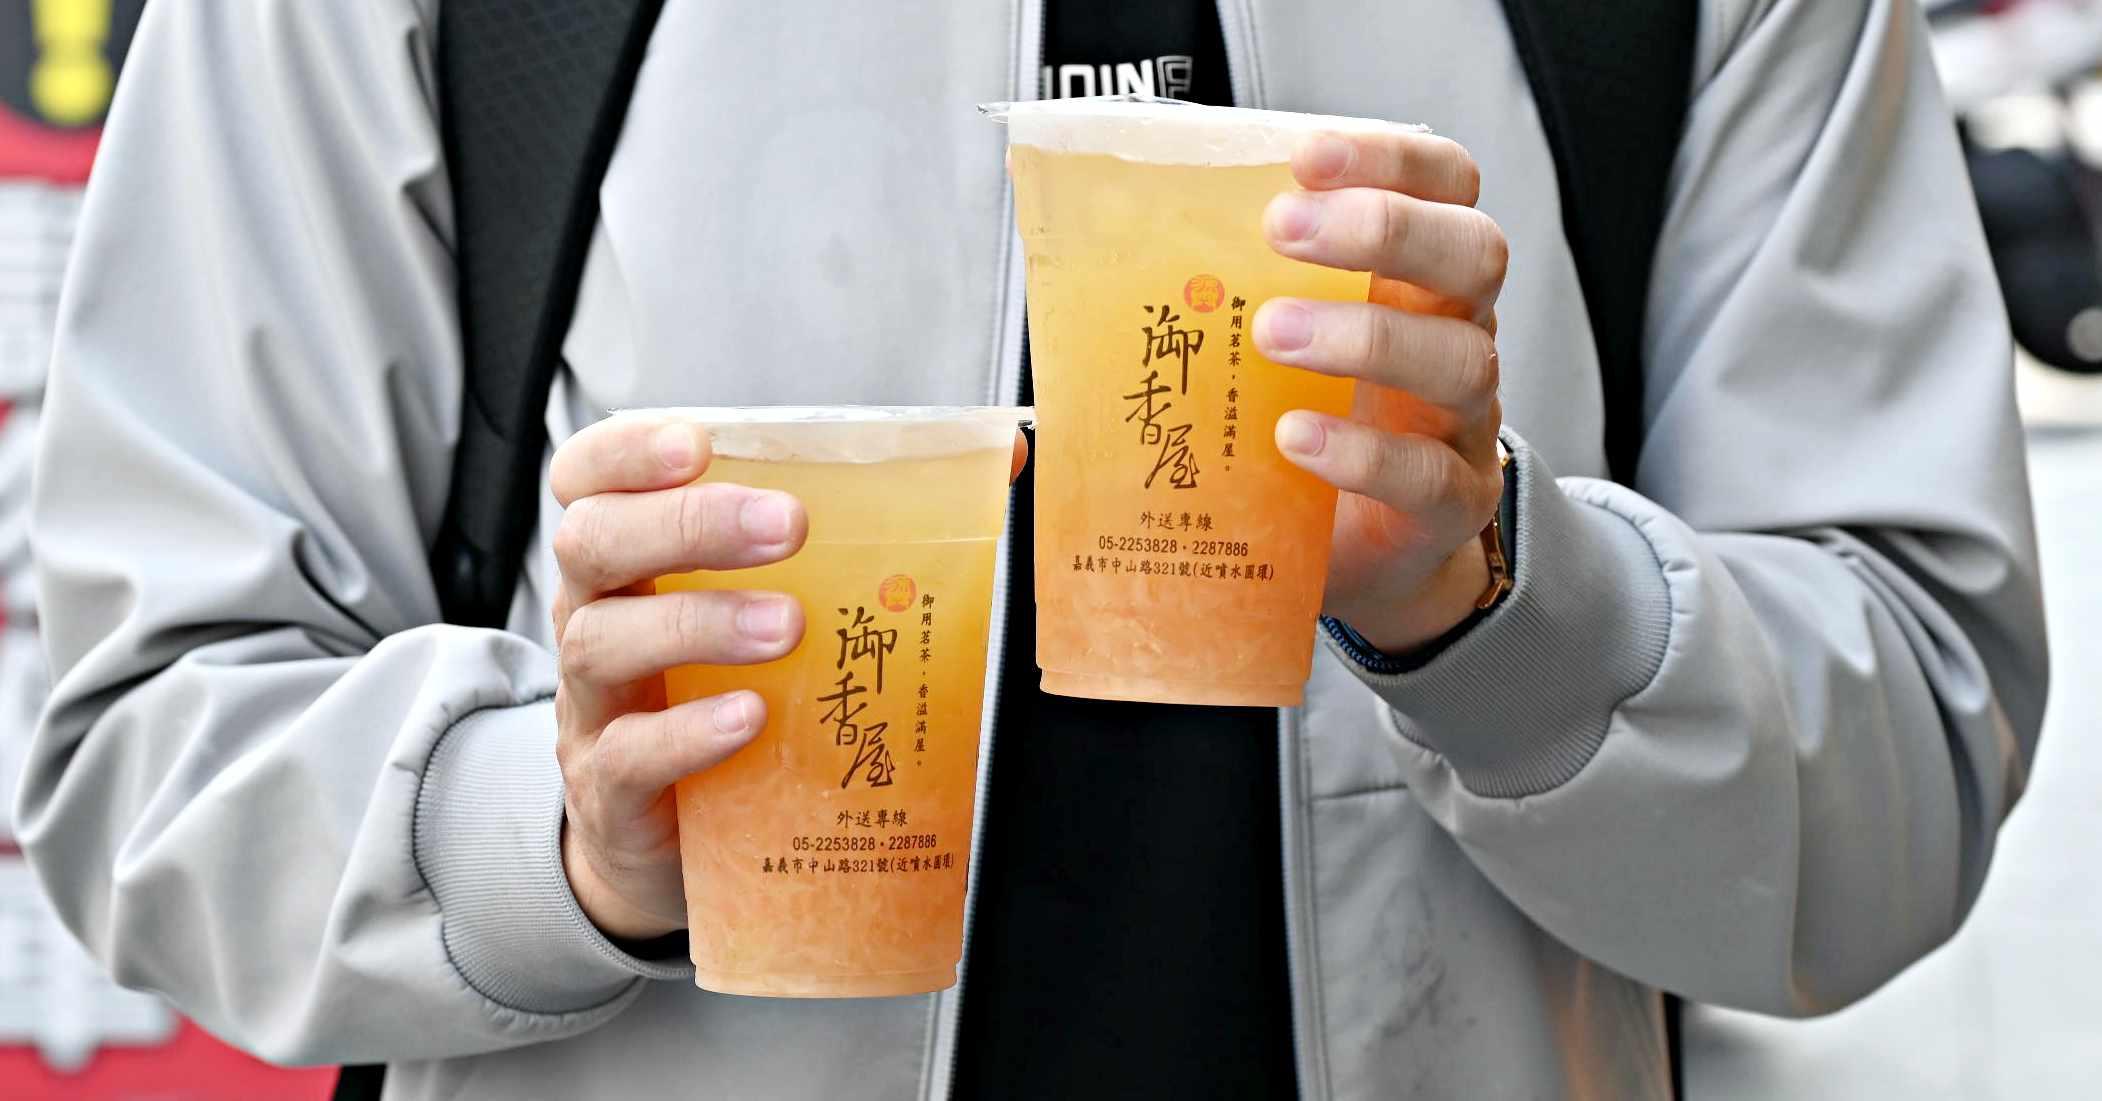 【嘉義美食】源興御香屋,招牌葡萄柚綠茶超好喝 (御香屋菜單)